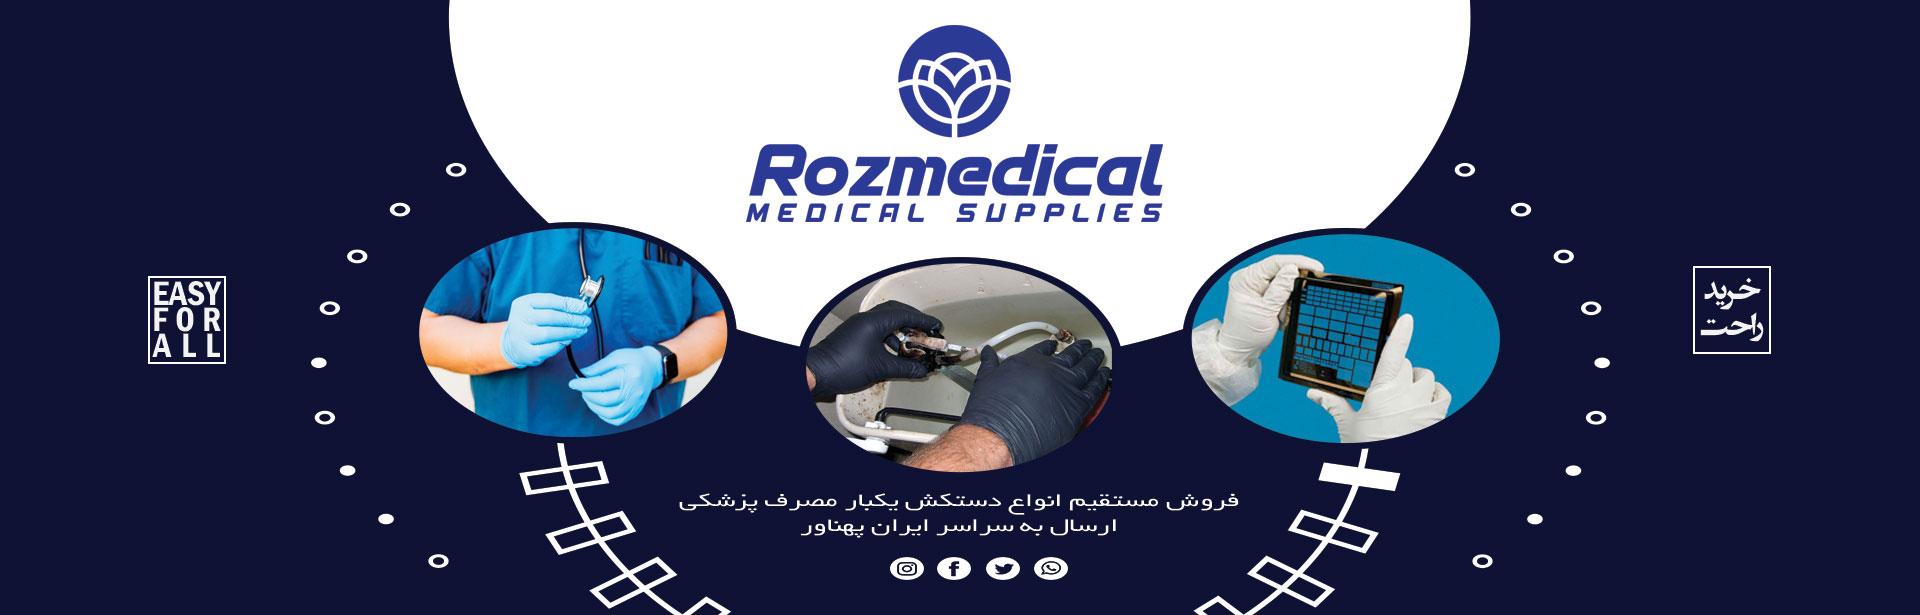 بازرگانی تجهیزات پزشکی